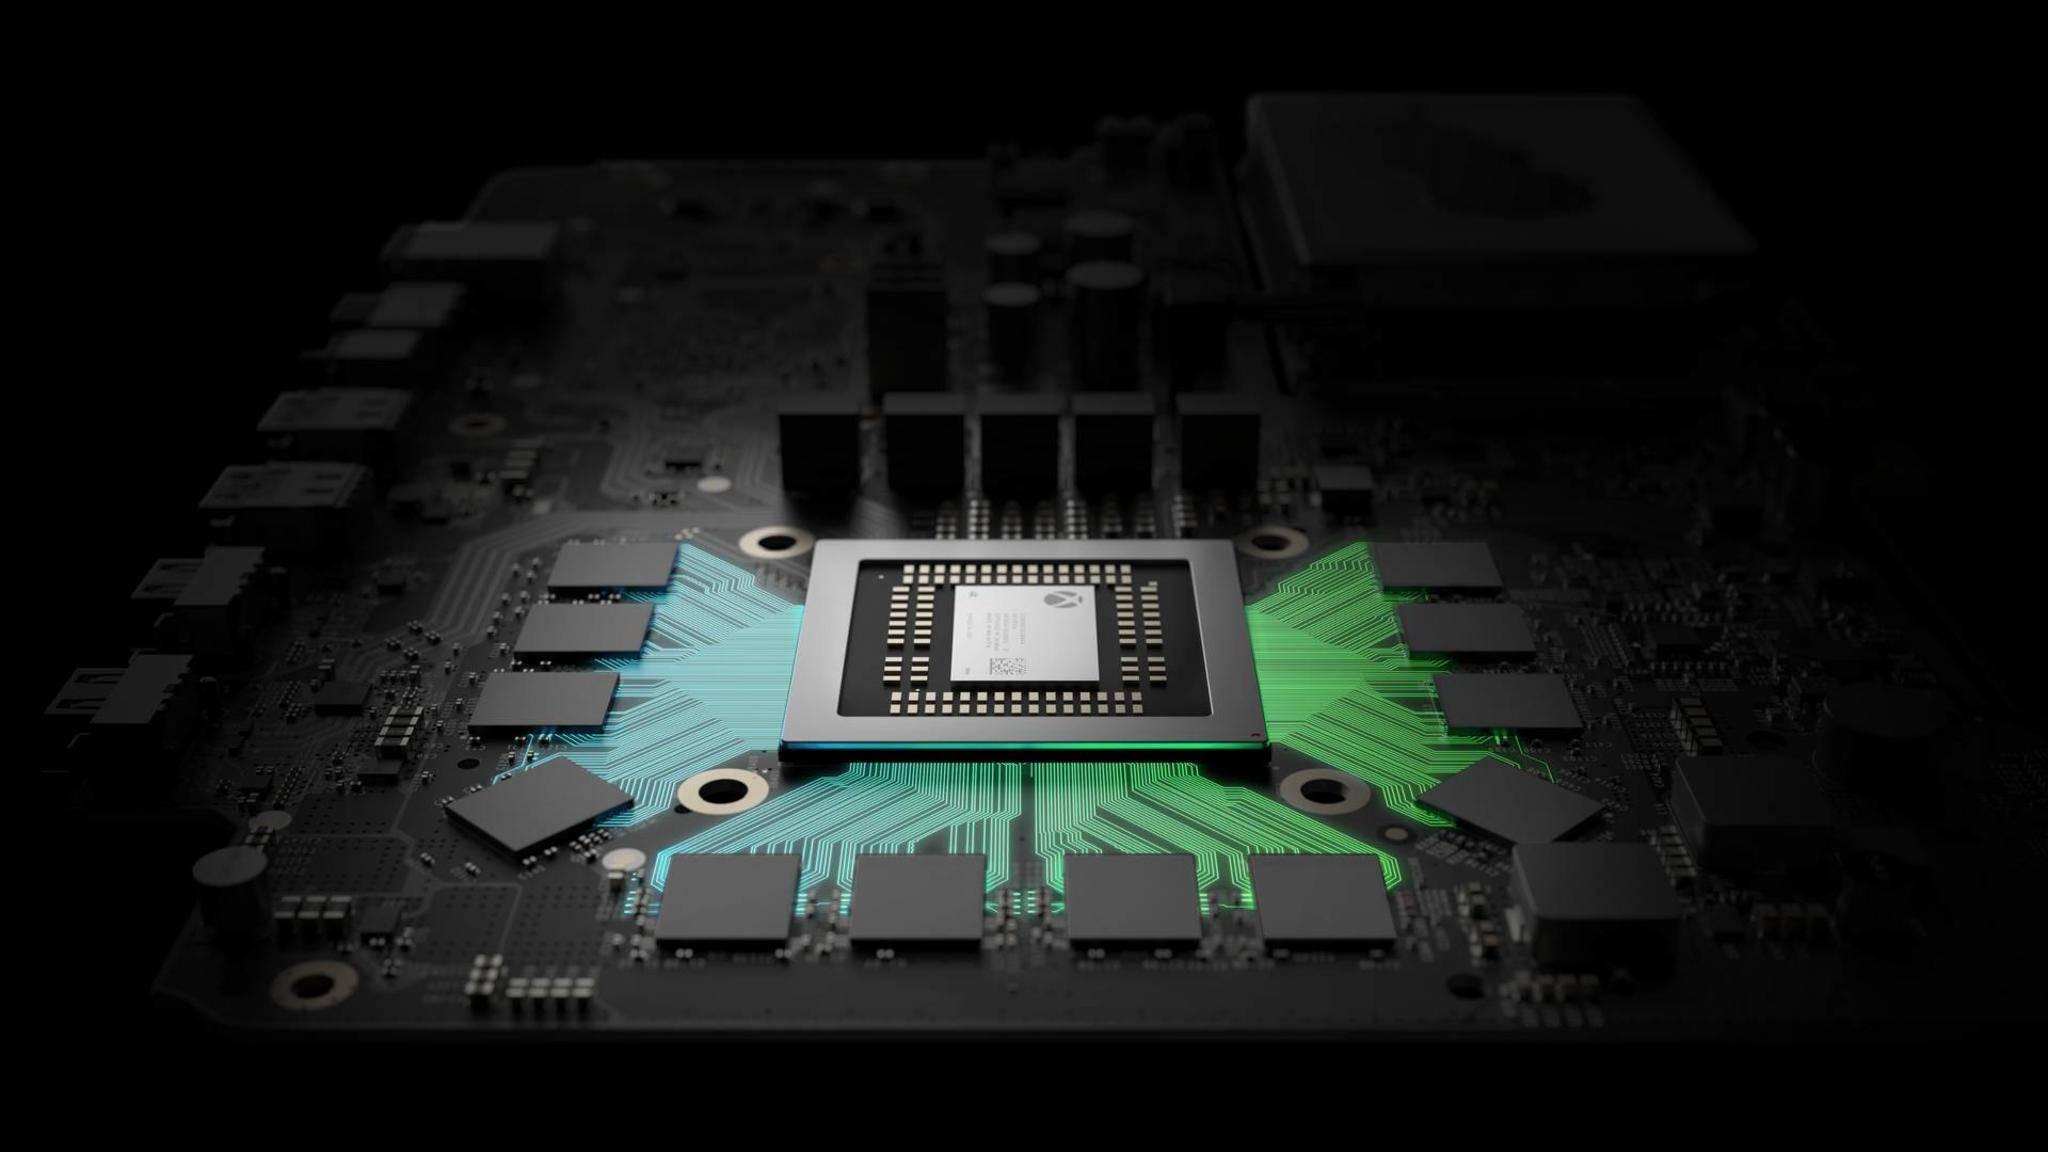 Das Innenleben der Xbox Scorpio soll alle bisherigen Konsolen übertreffen. Wie wirkt sich das auf den Preis aus?